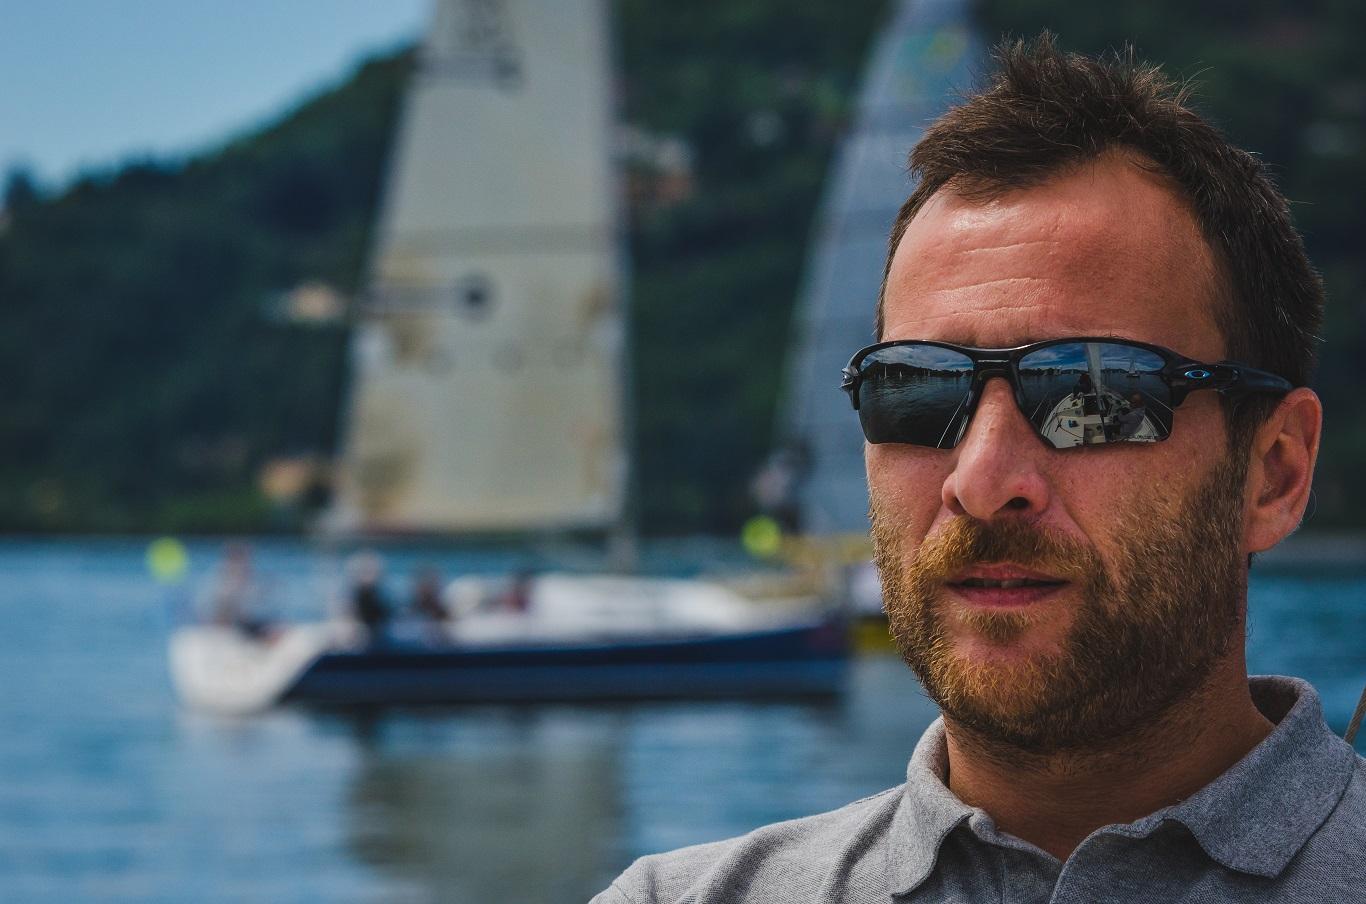 Marco Iovino